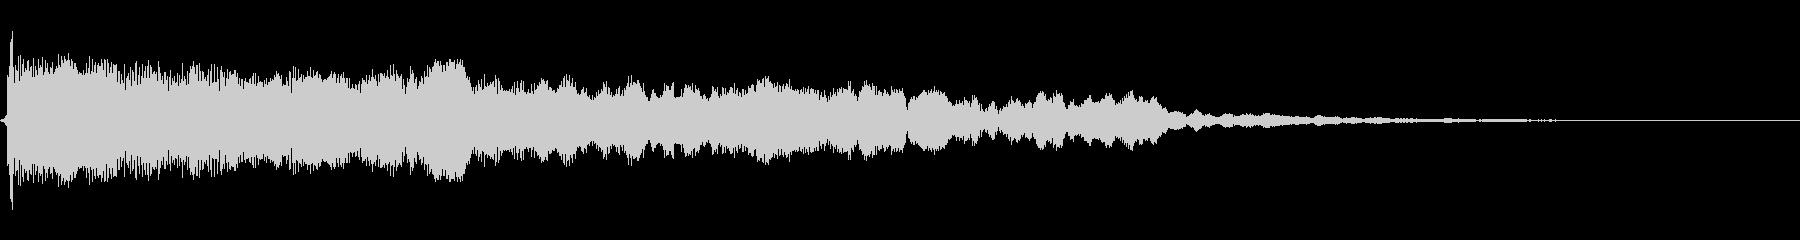 ロックブルースバンパー4の未再生の波形